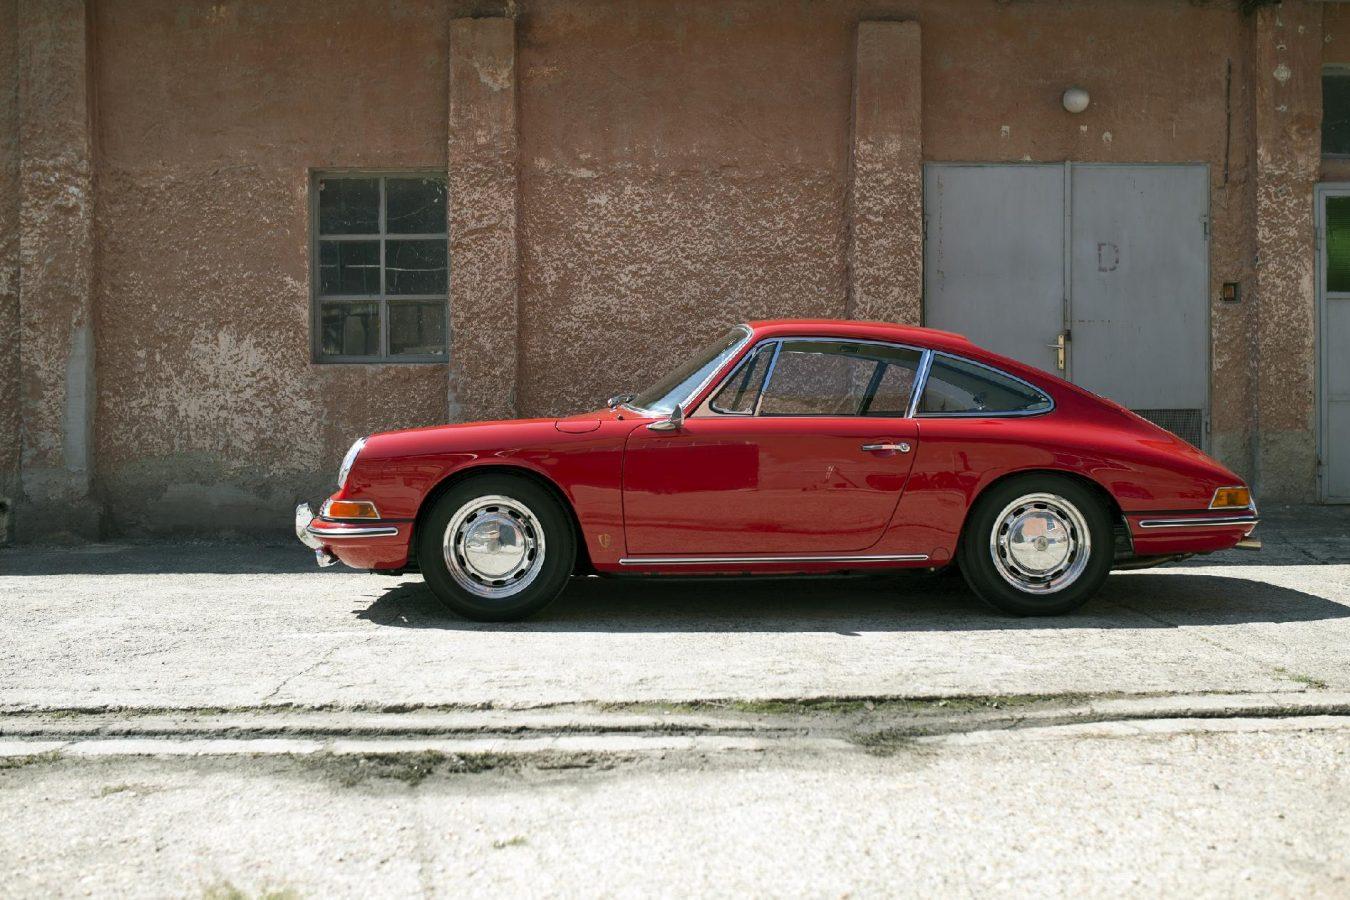 Glänzender roter Porsche 911 SWB von der Seite